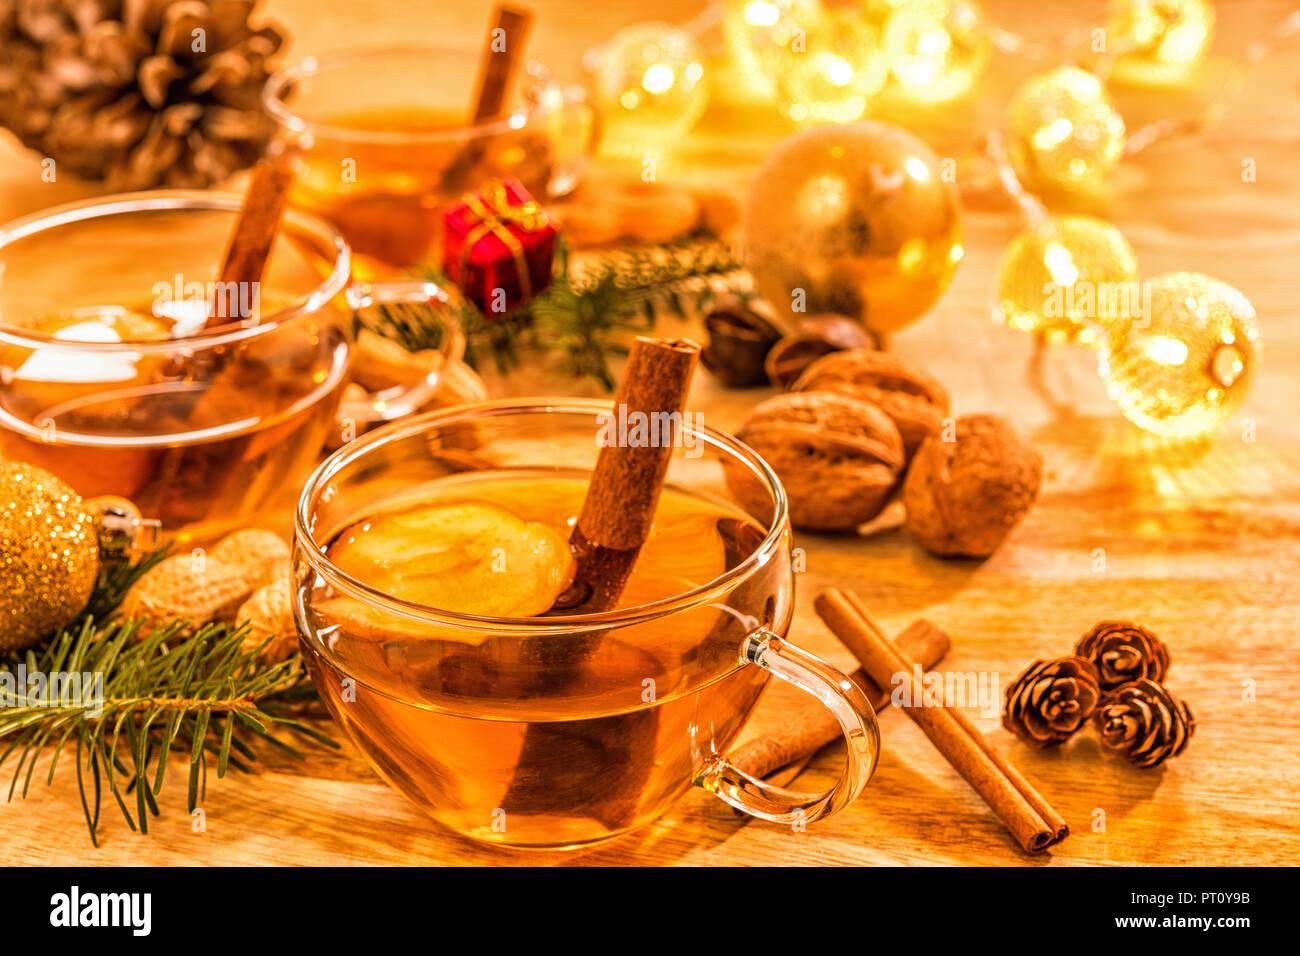 Tasse aus Glas mit Tee auf Holztisch Stock Photo